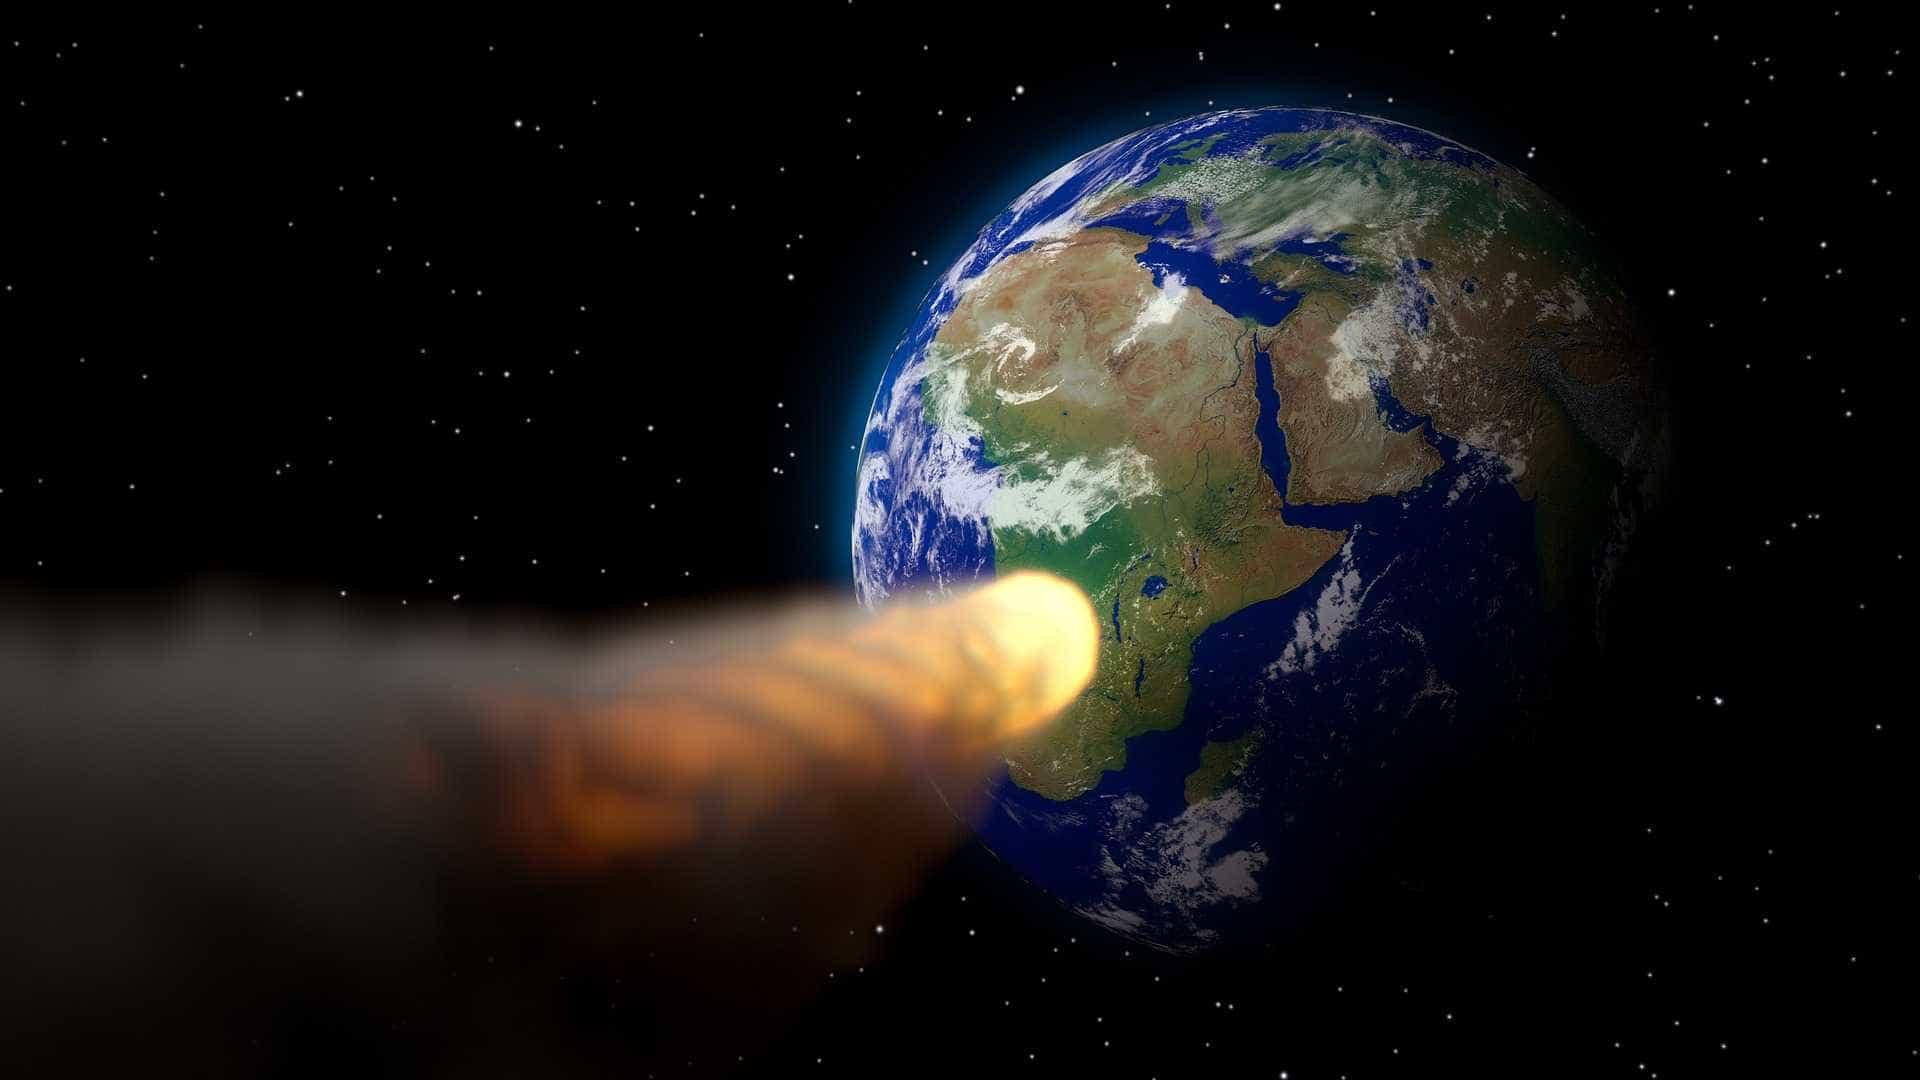 Mundo vai acabar hoje? Não, não vai. NASA explica porquê